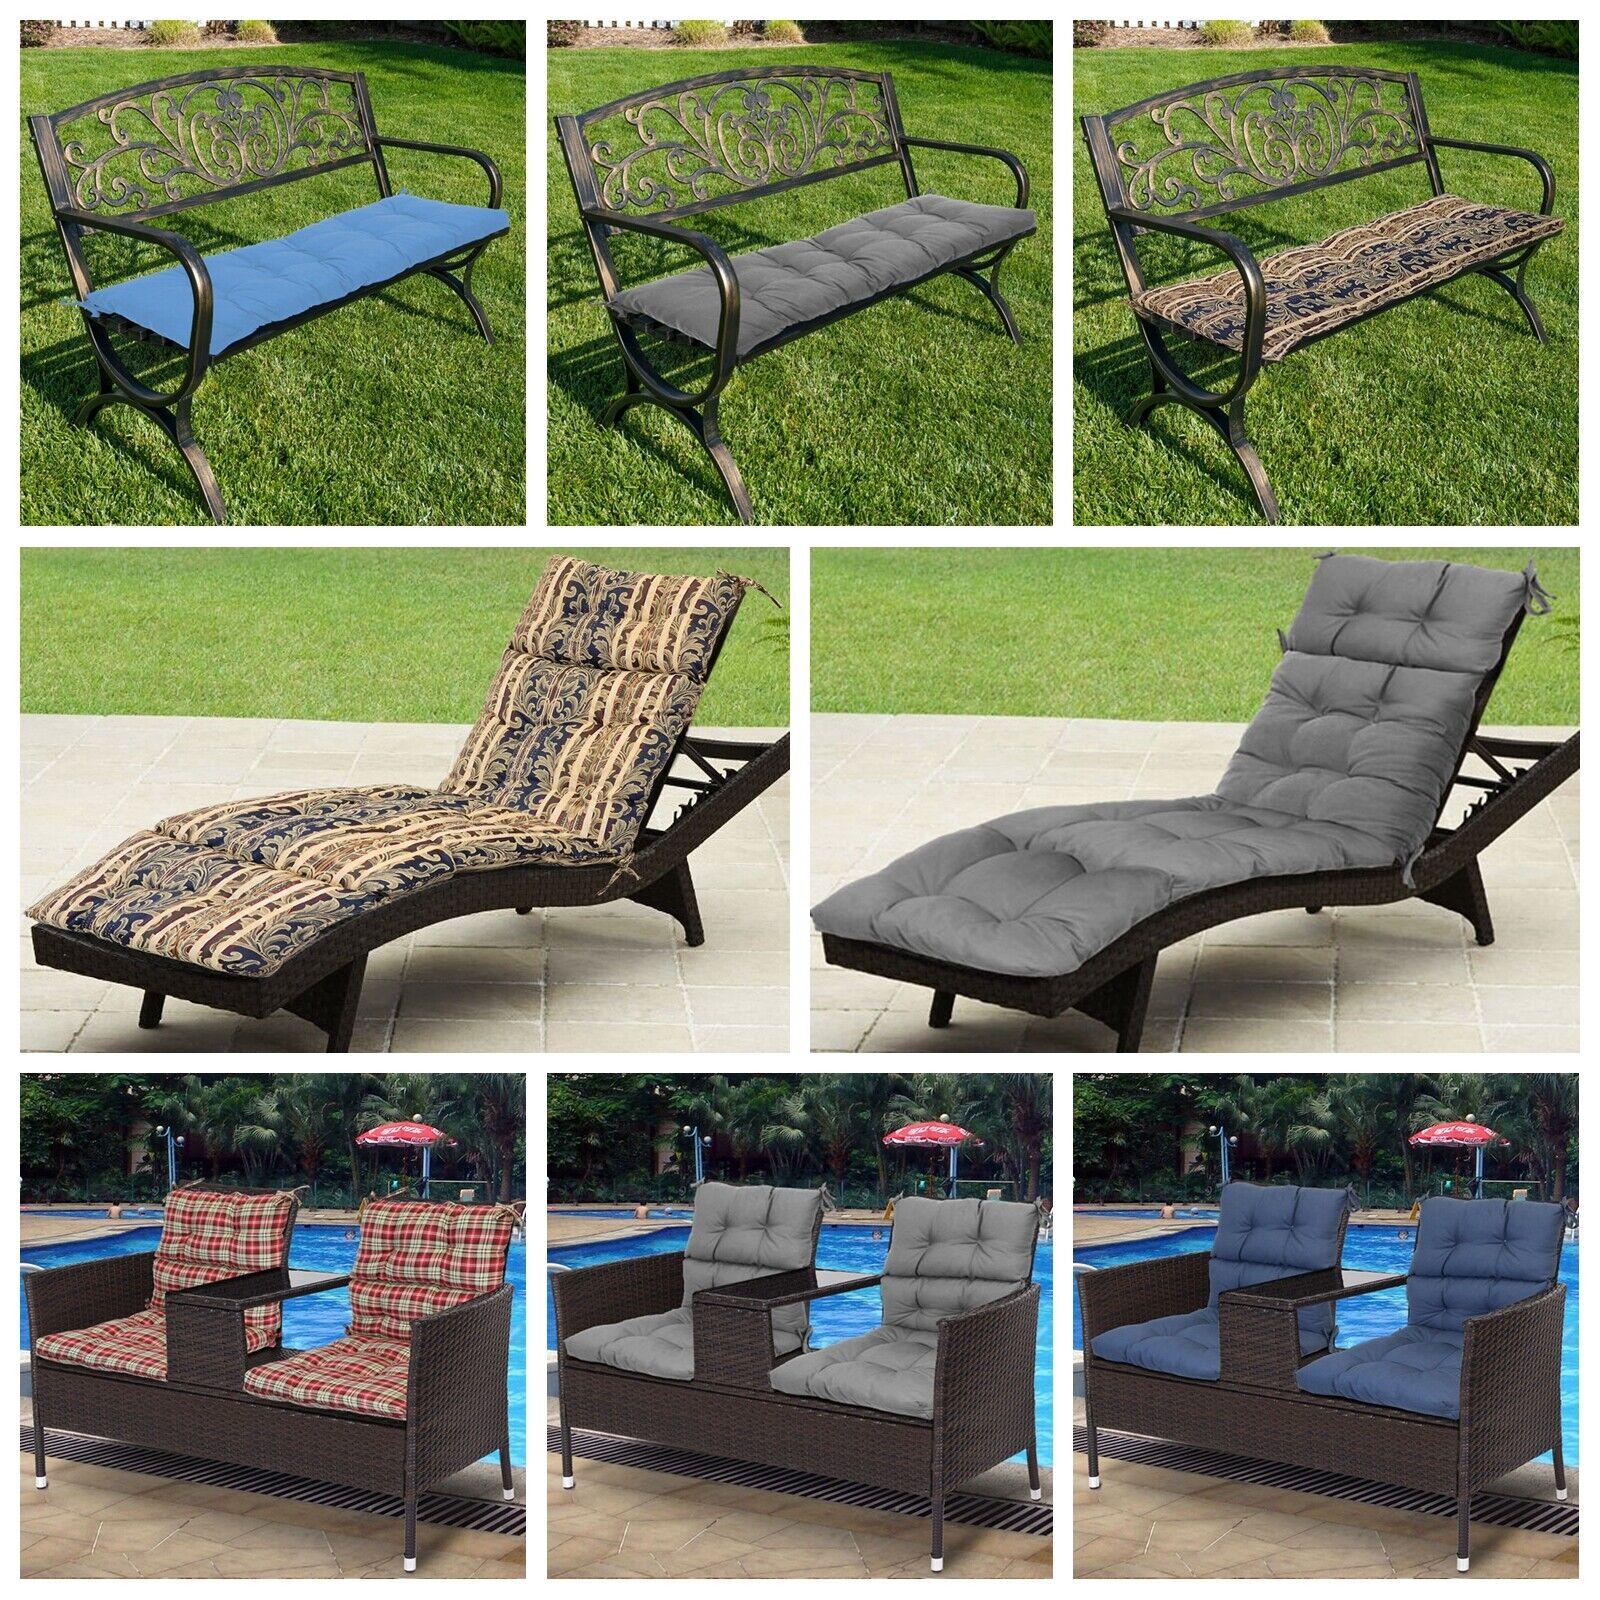 - Esstisch Terrasse Kissen Chaise Lounge Komfort Kissen Polster Sitz